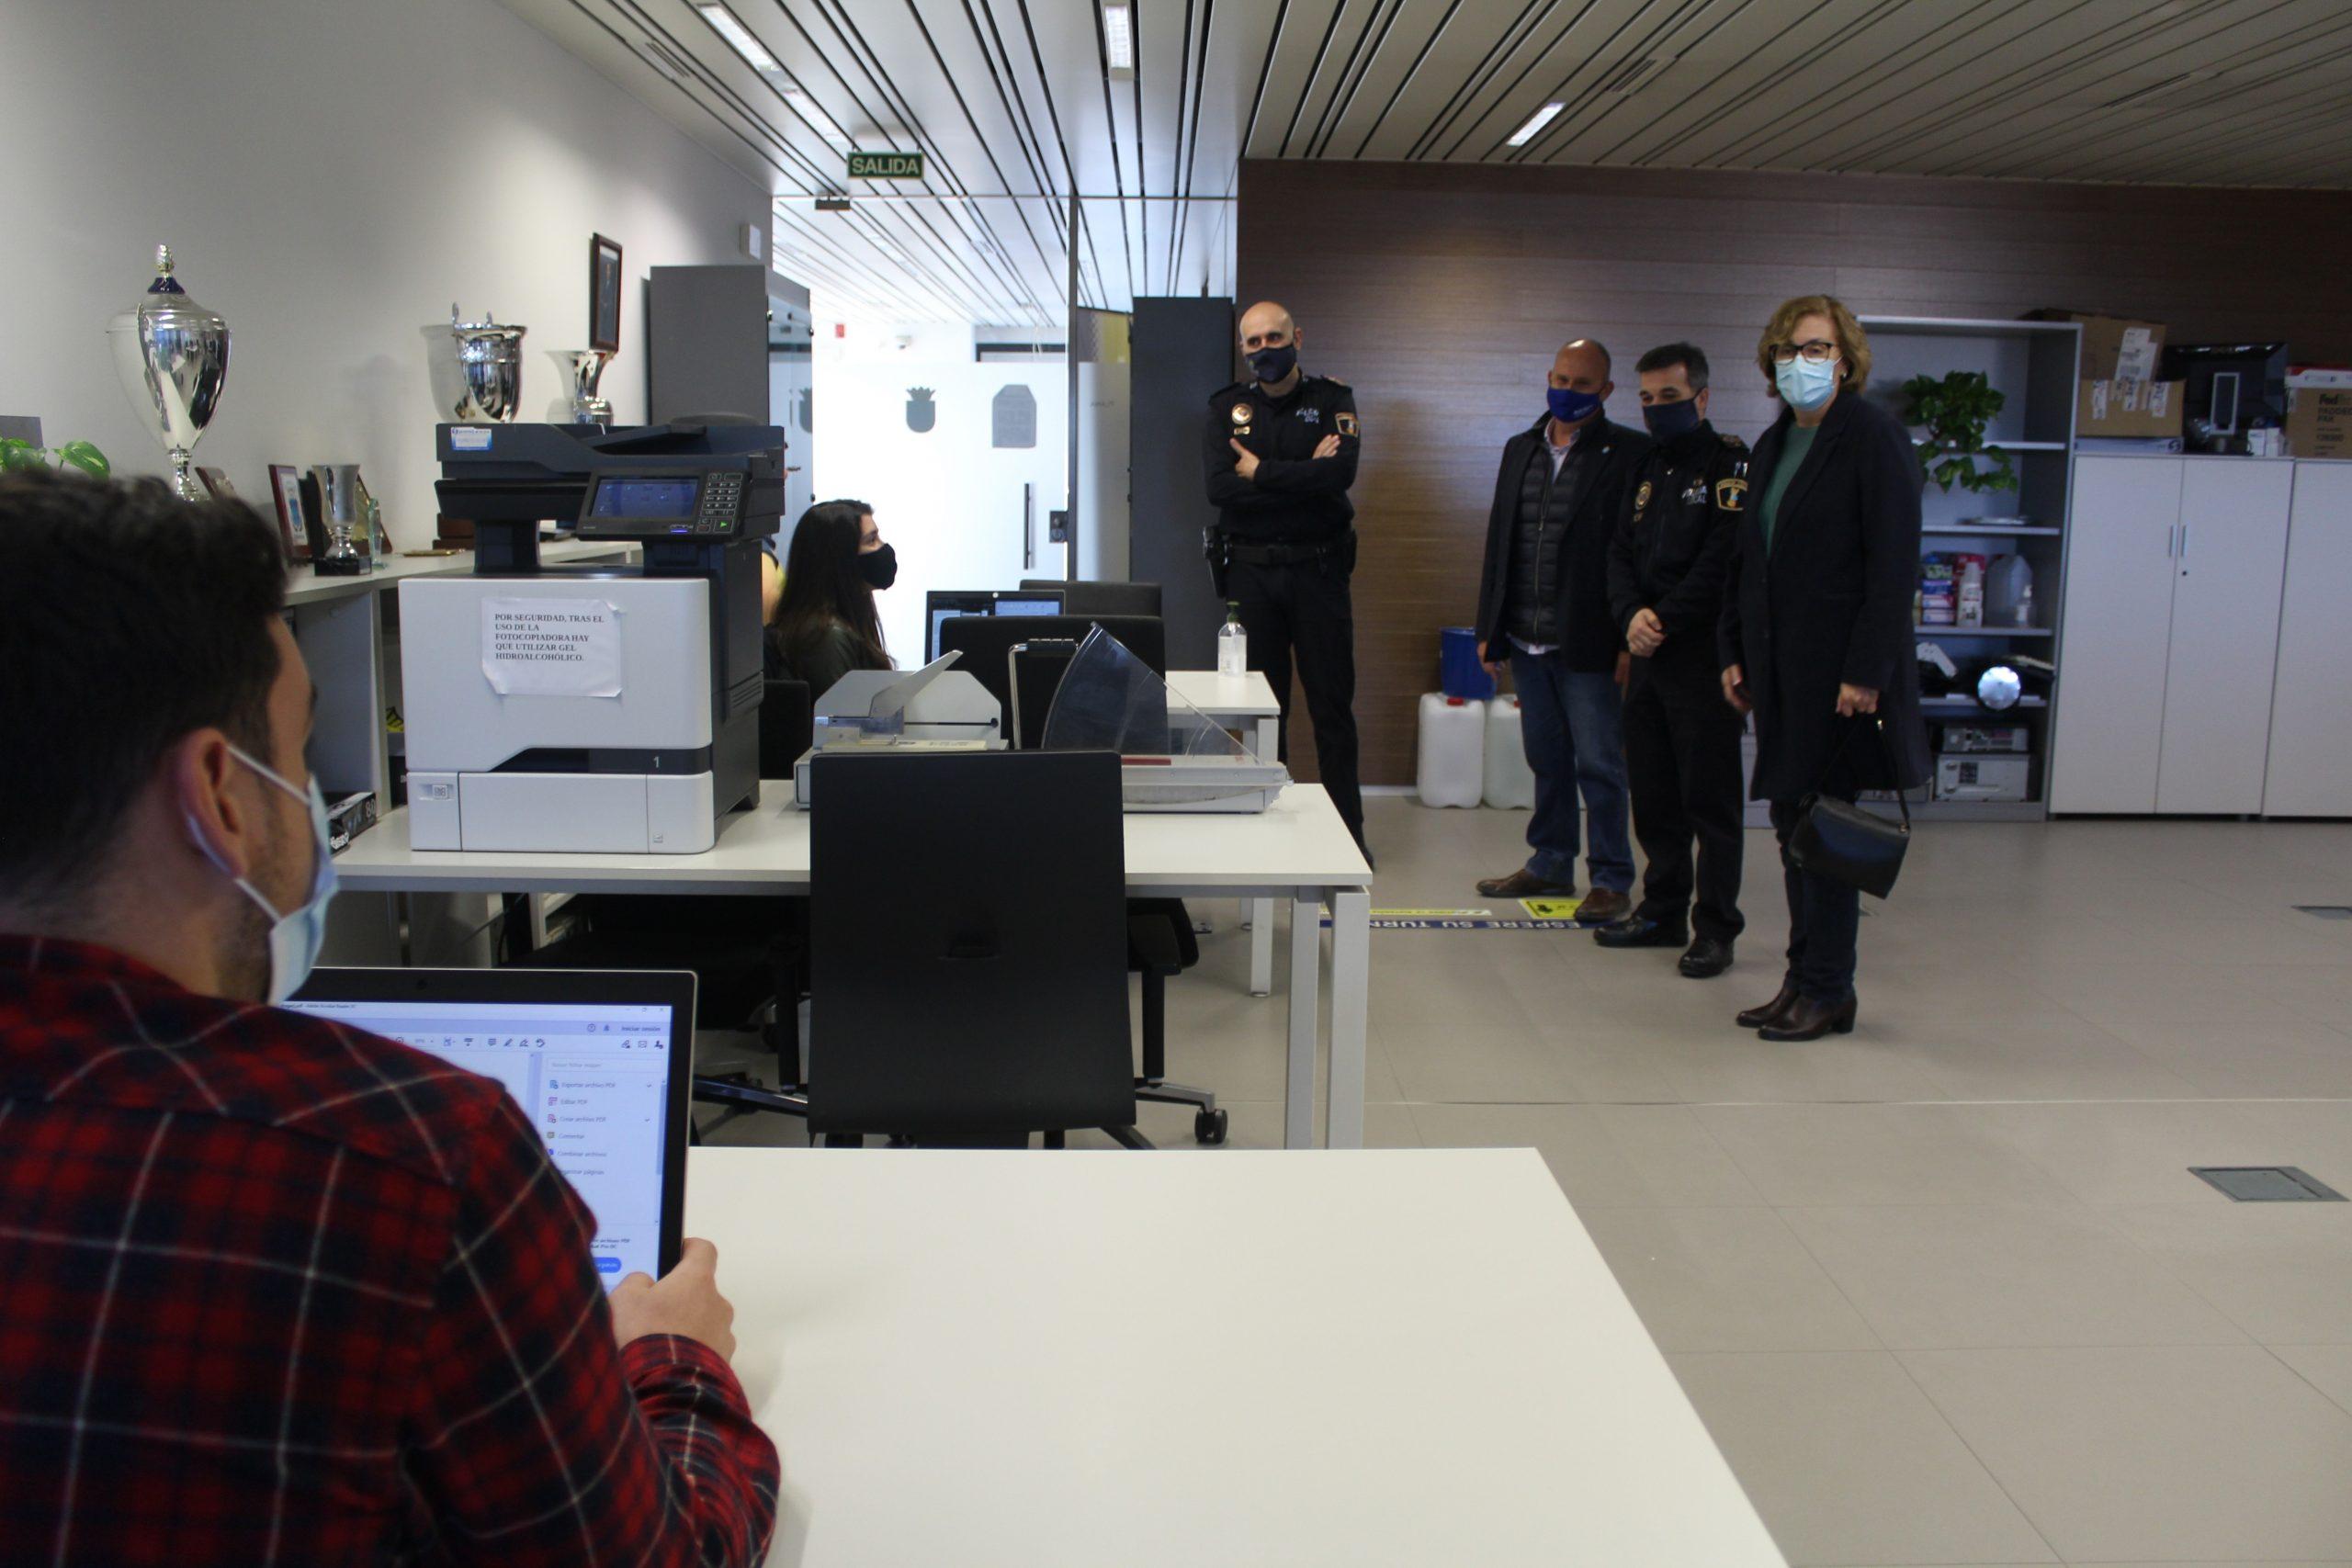 Estudiantes del Grado en Derecho de la Universitat Jaume I finalizarán esta semana sus prácticas de Grado en la Central de Policía Local de Borriana